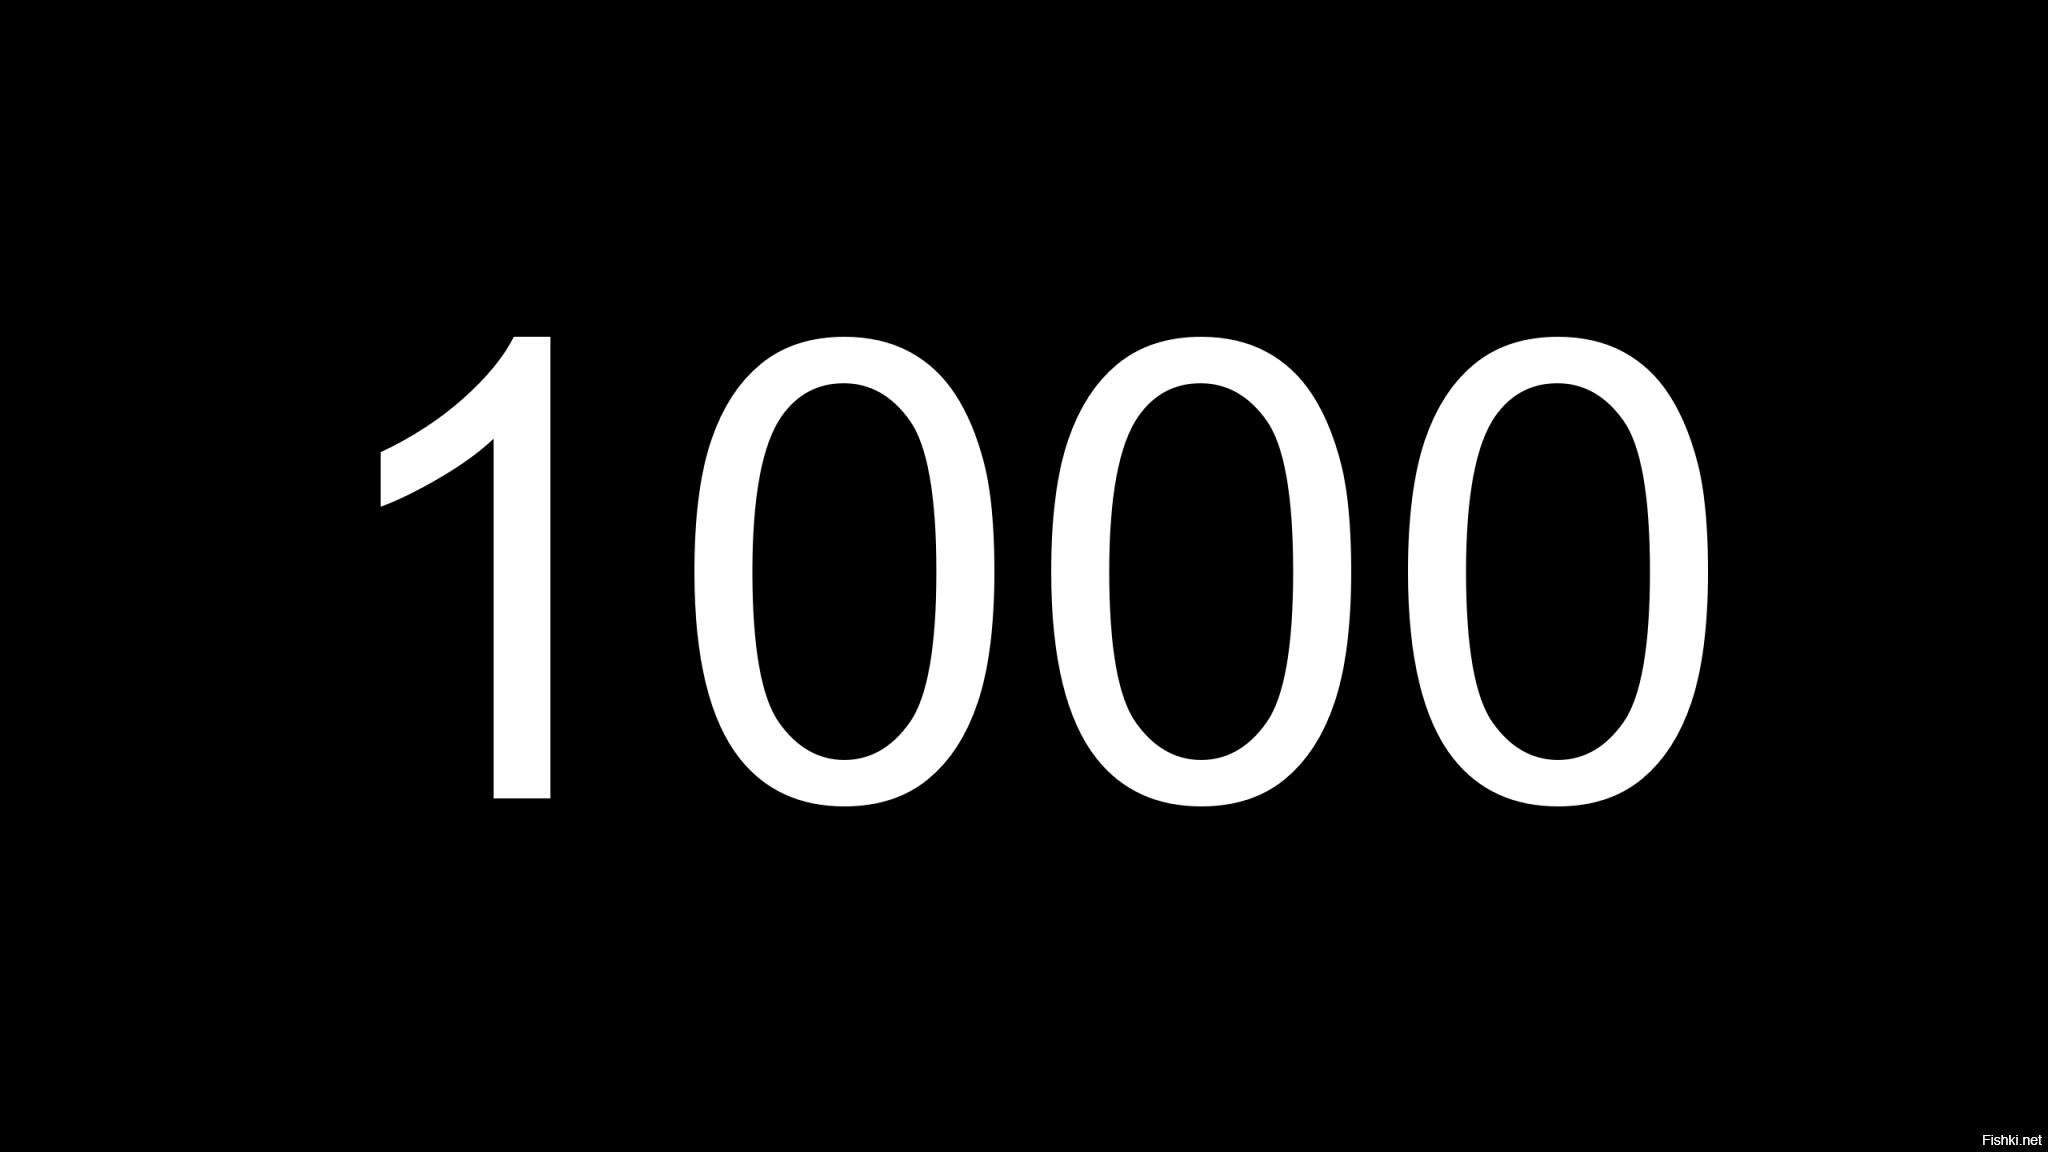 Открытки поздравительные, картинка с цифрой 1000